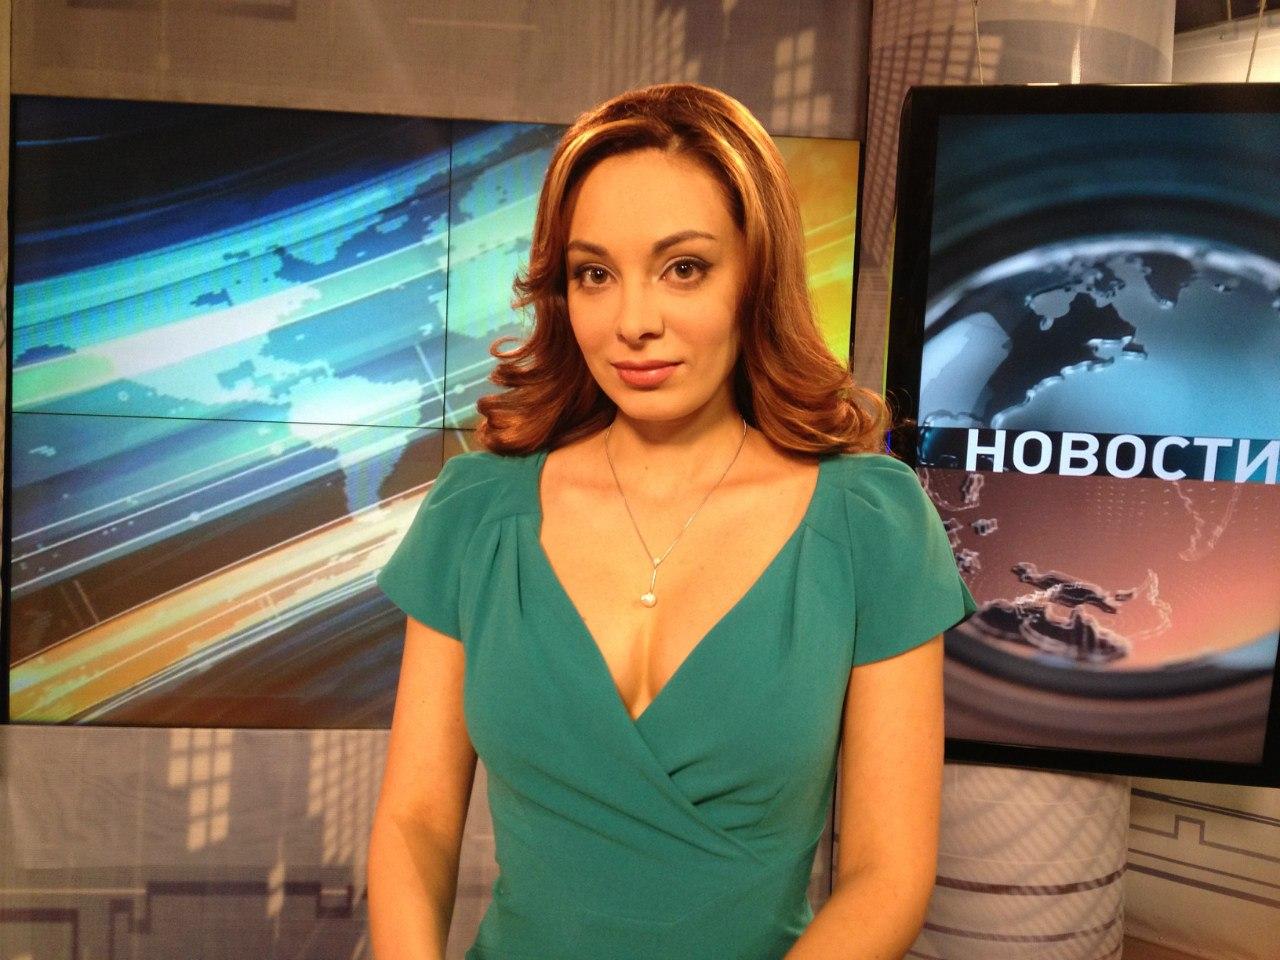 Самые грудастые телеведущие, Голые телеведущие - фото эротика российских девушек 23 фотография